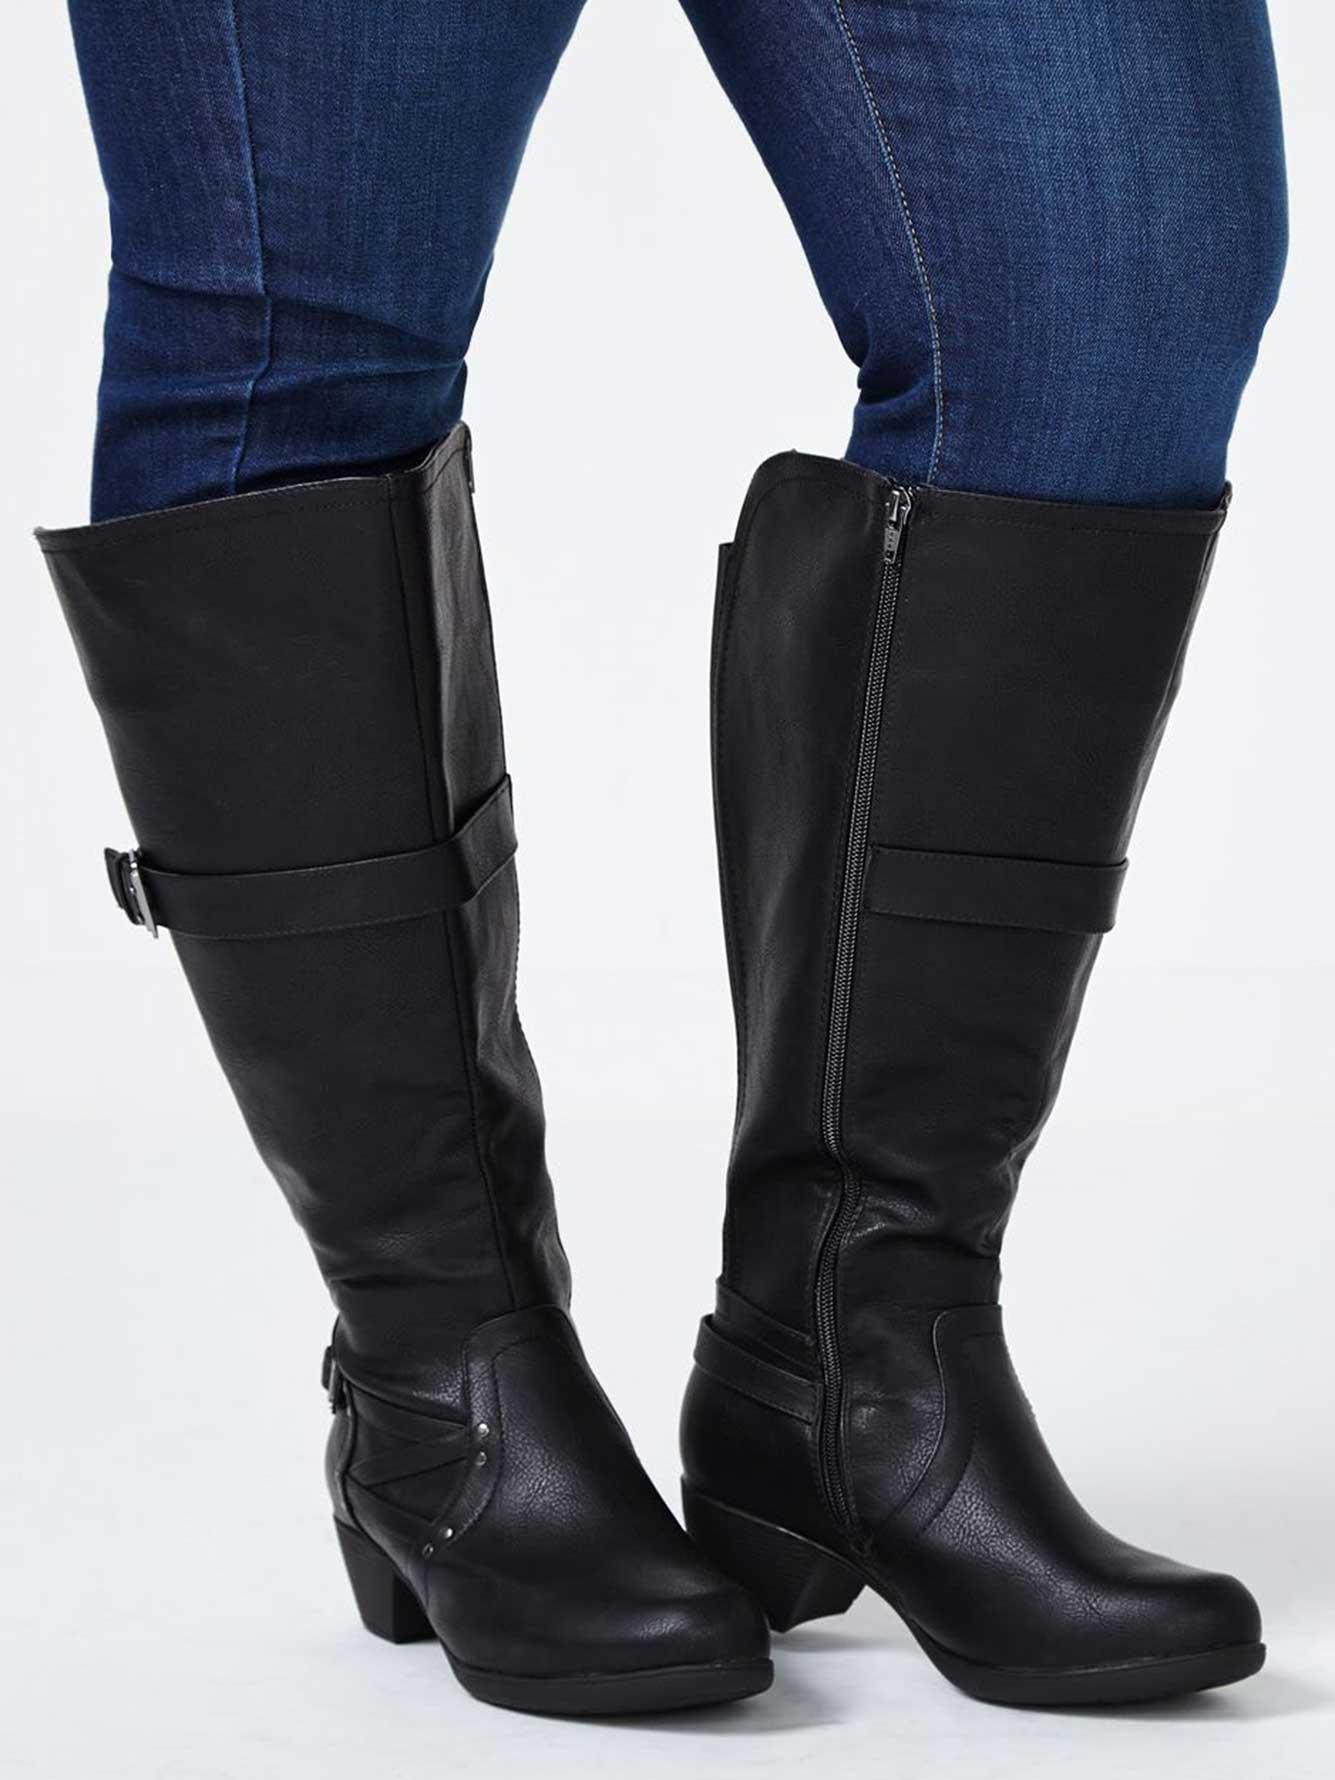 a11219f1cd1f7 Knee High Wide-Width Boots | Penningtons